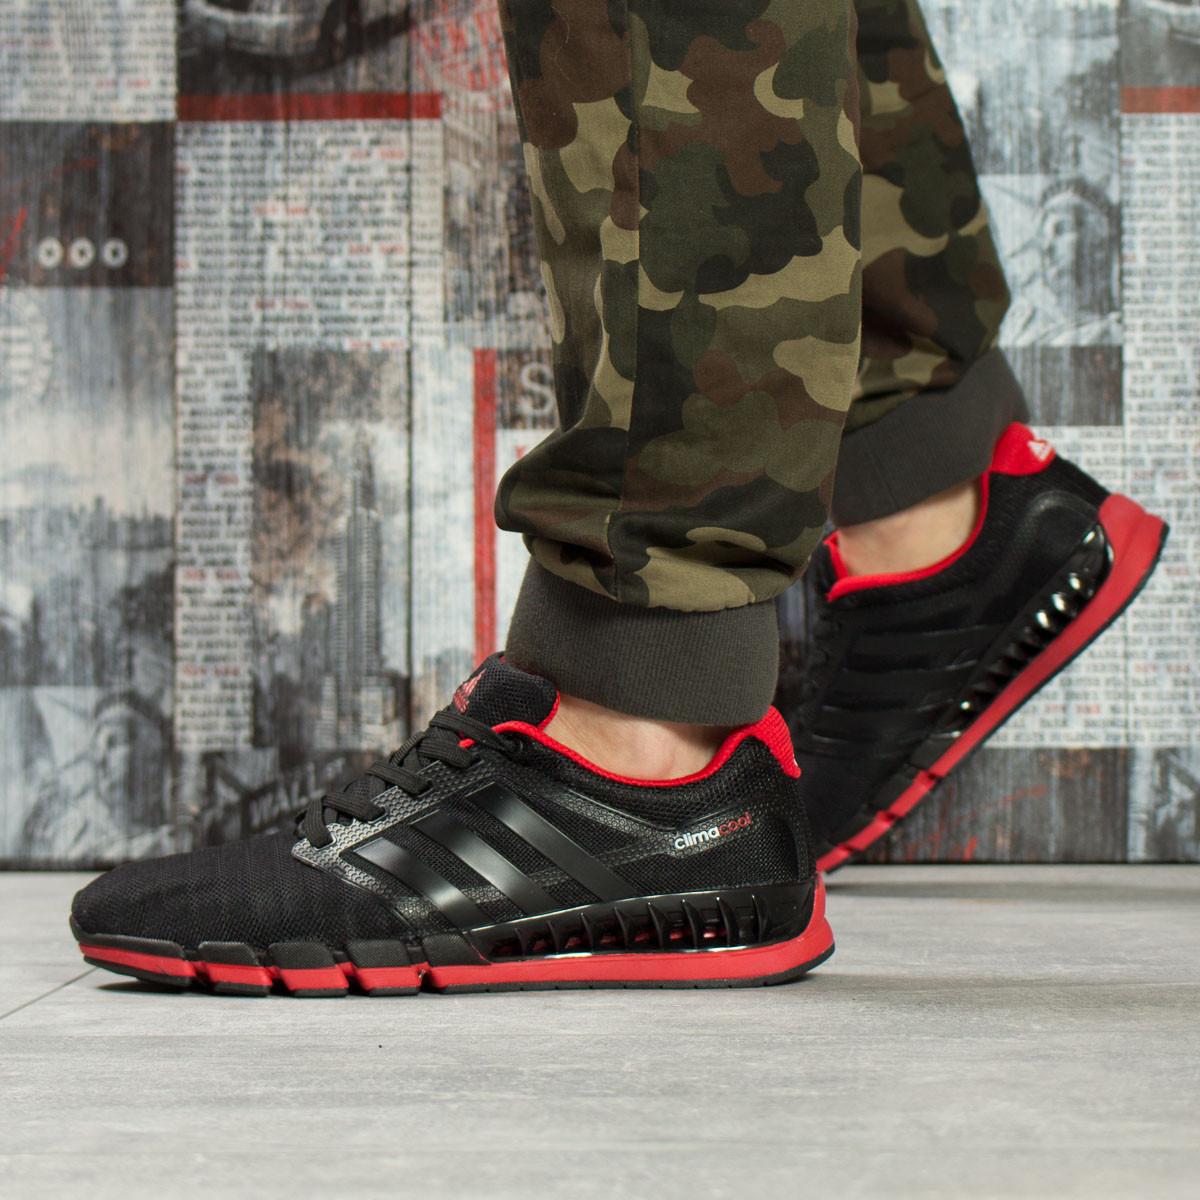 Кроссовки мужские Adidas Climacool, черные (16085) размеры в наличии ► [  45 (последняя пара)  ]